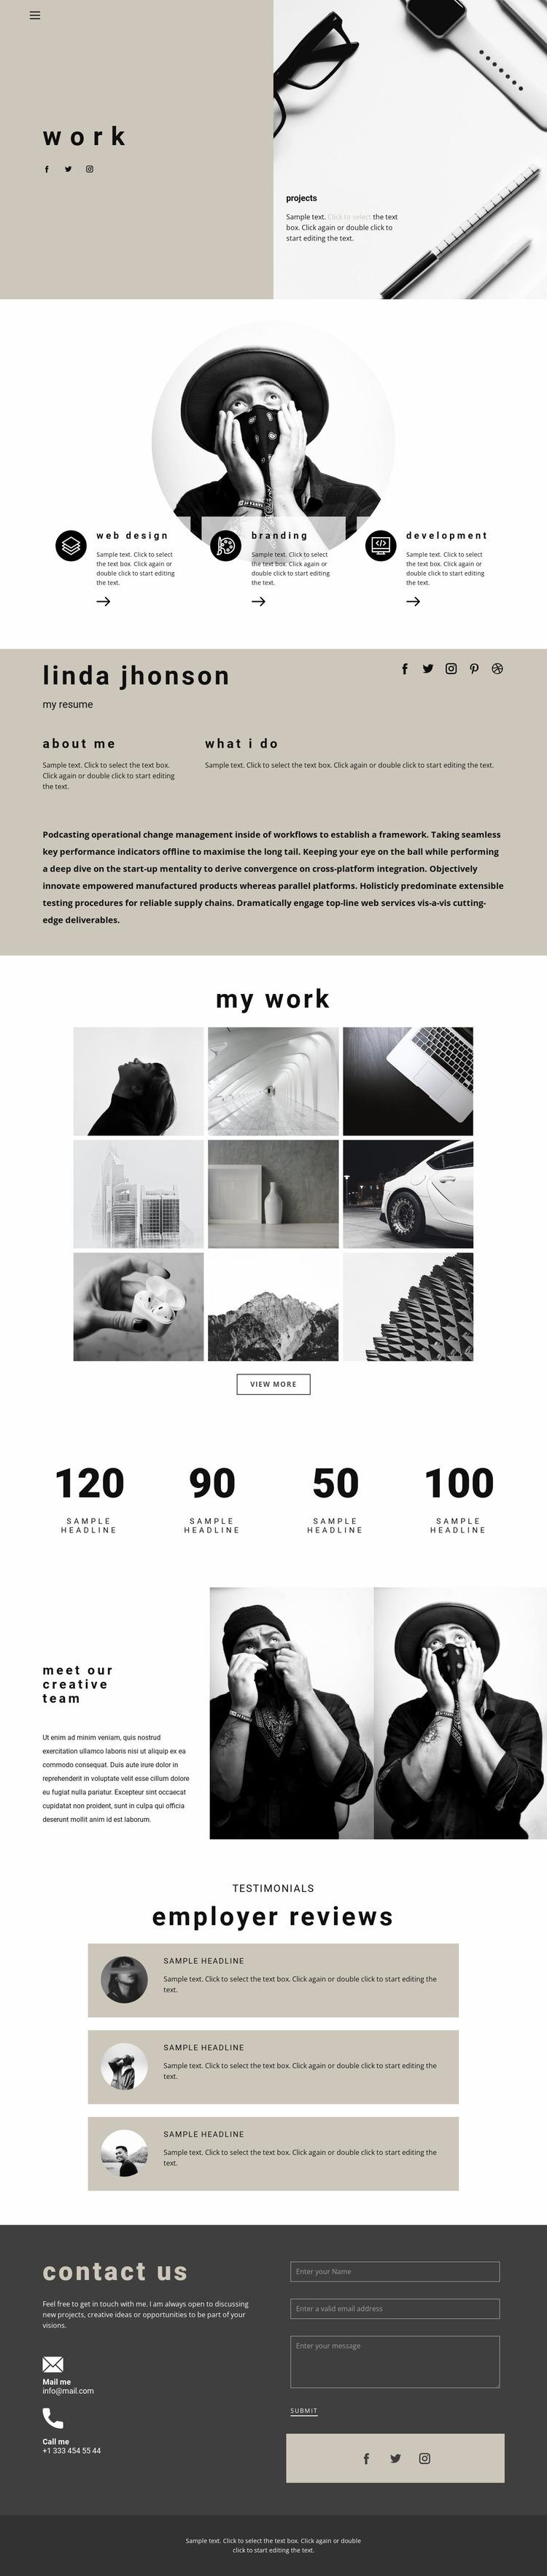 Art space resume Website Mockup